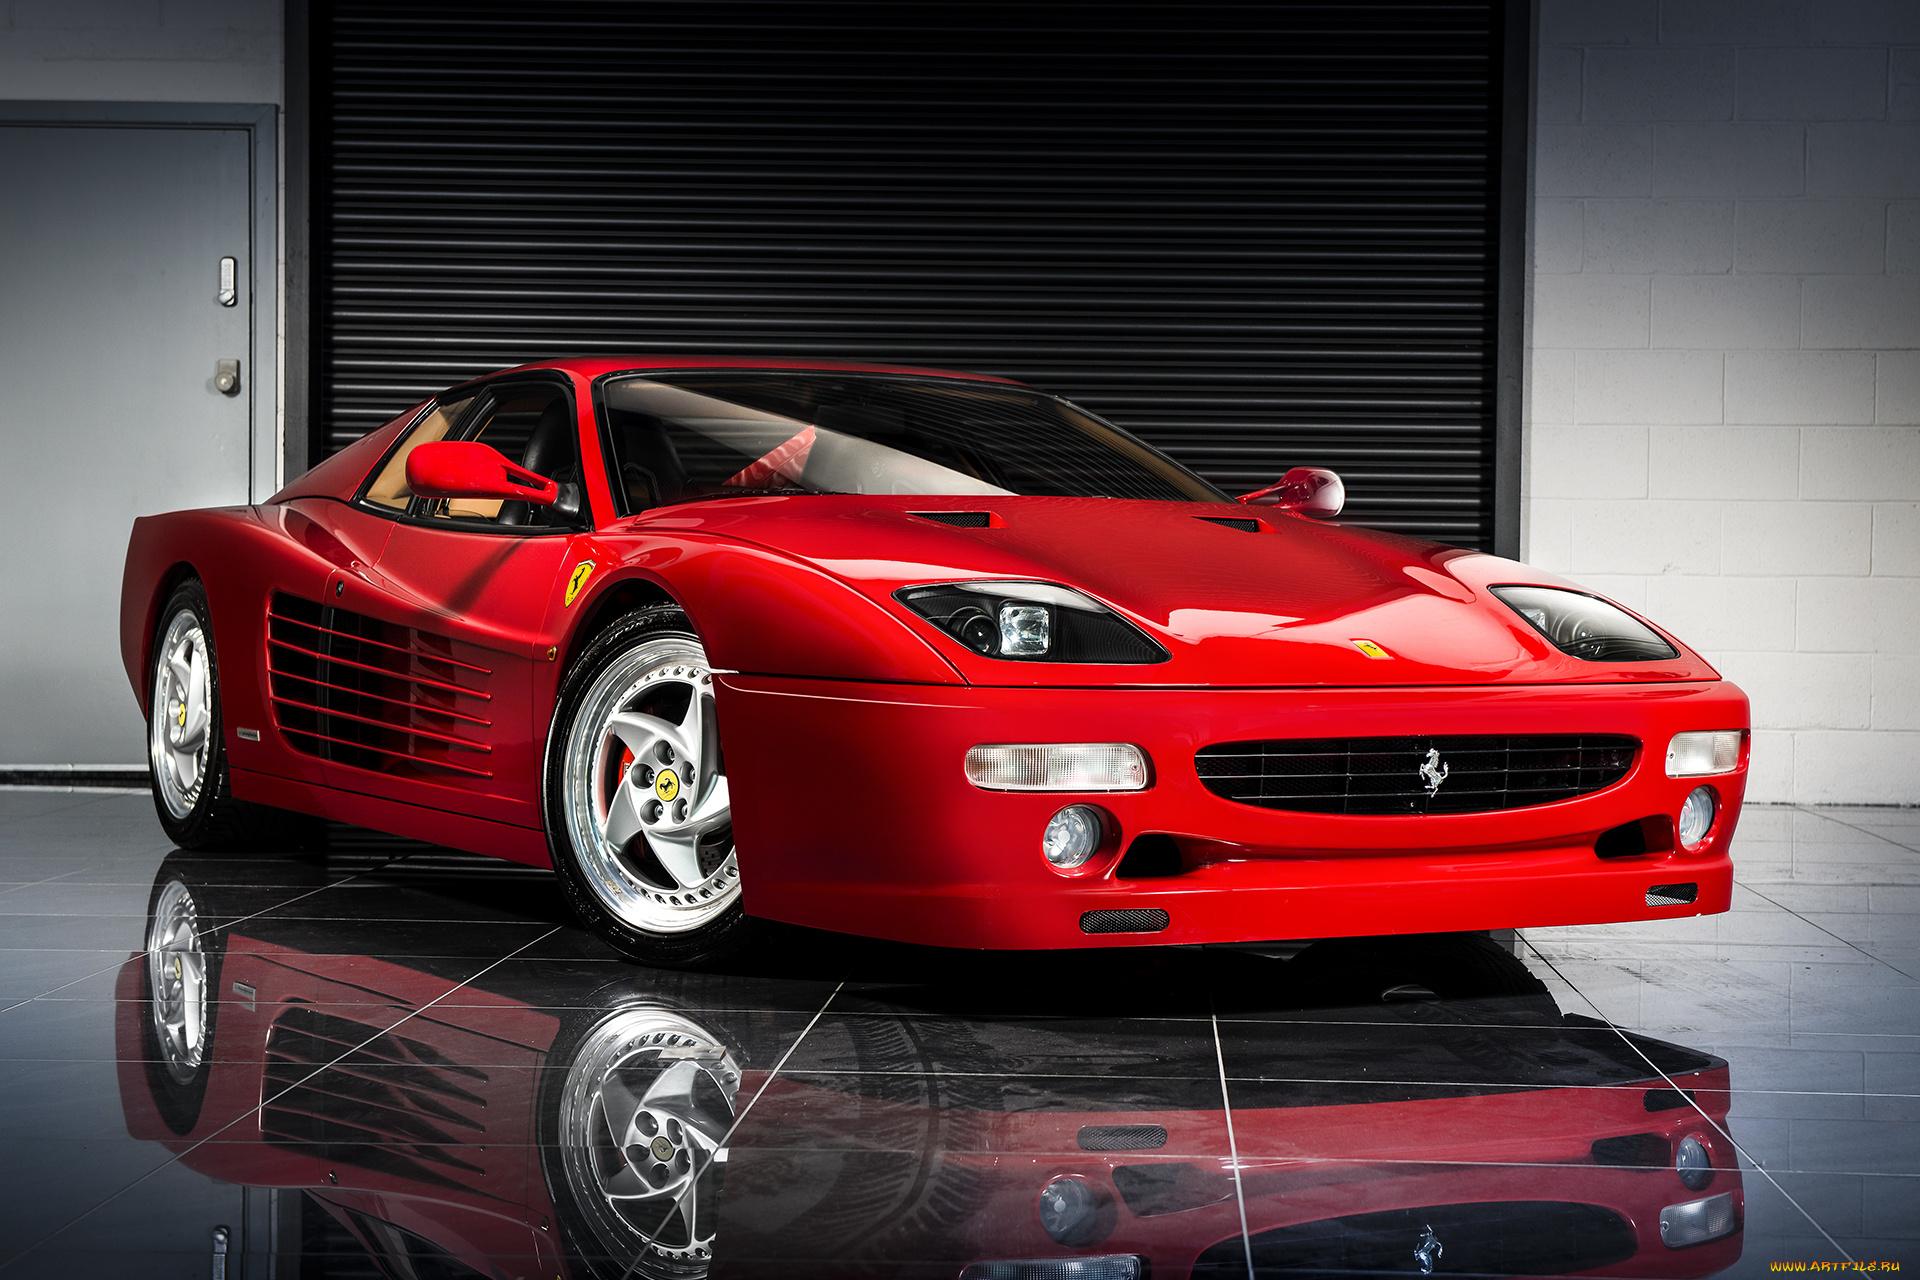 красный автомобиль Ferrari F50 Enzo загрузить